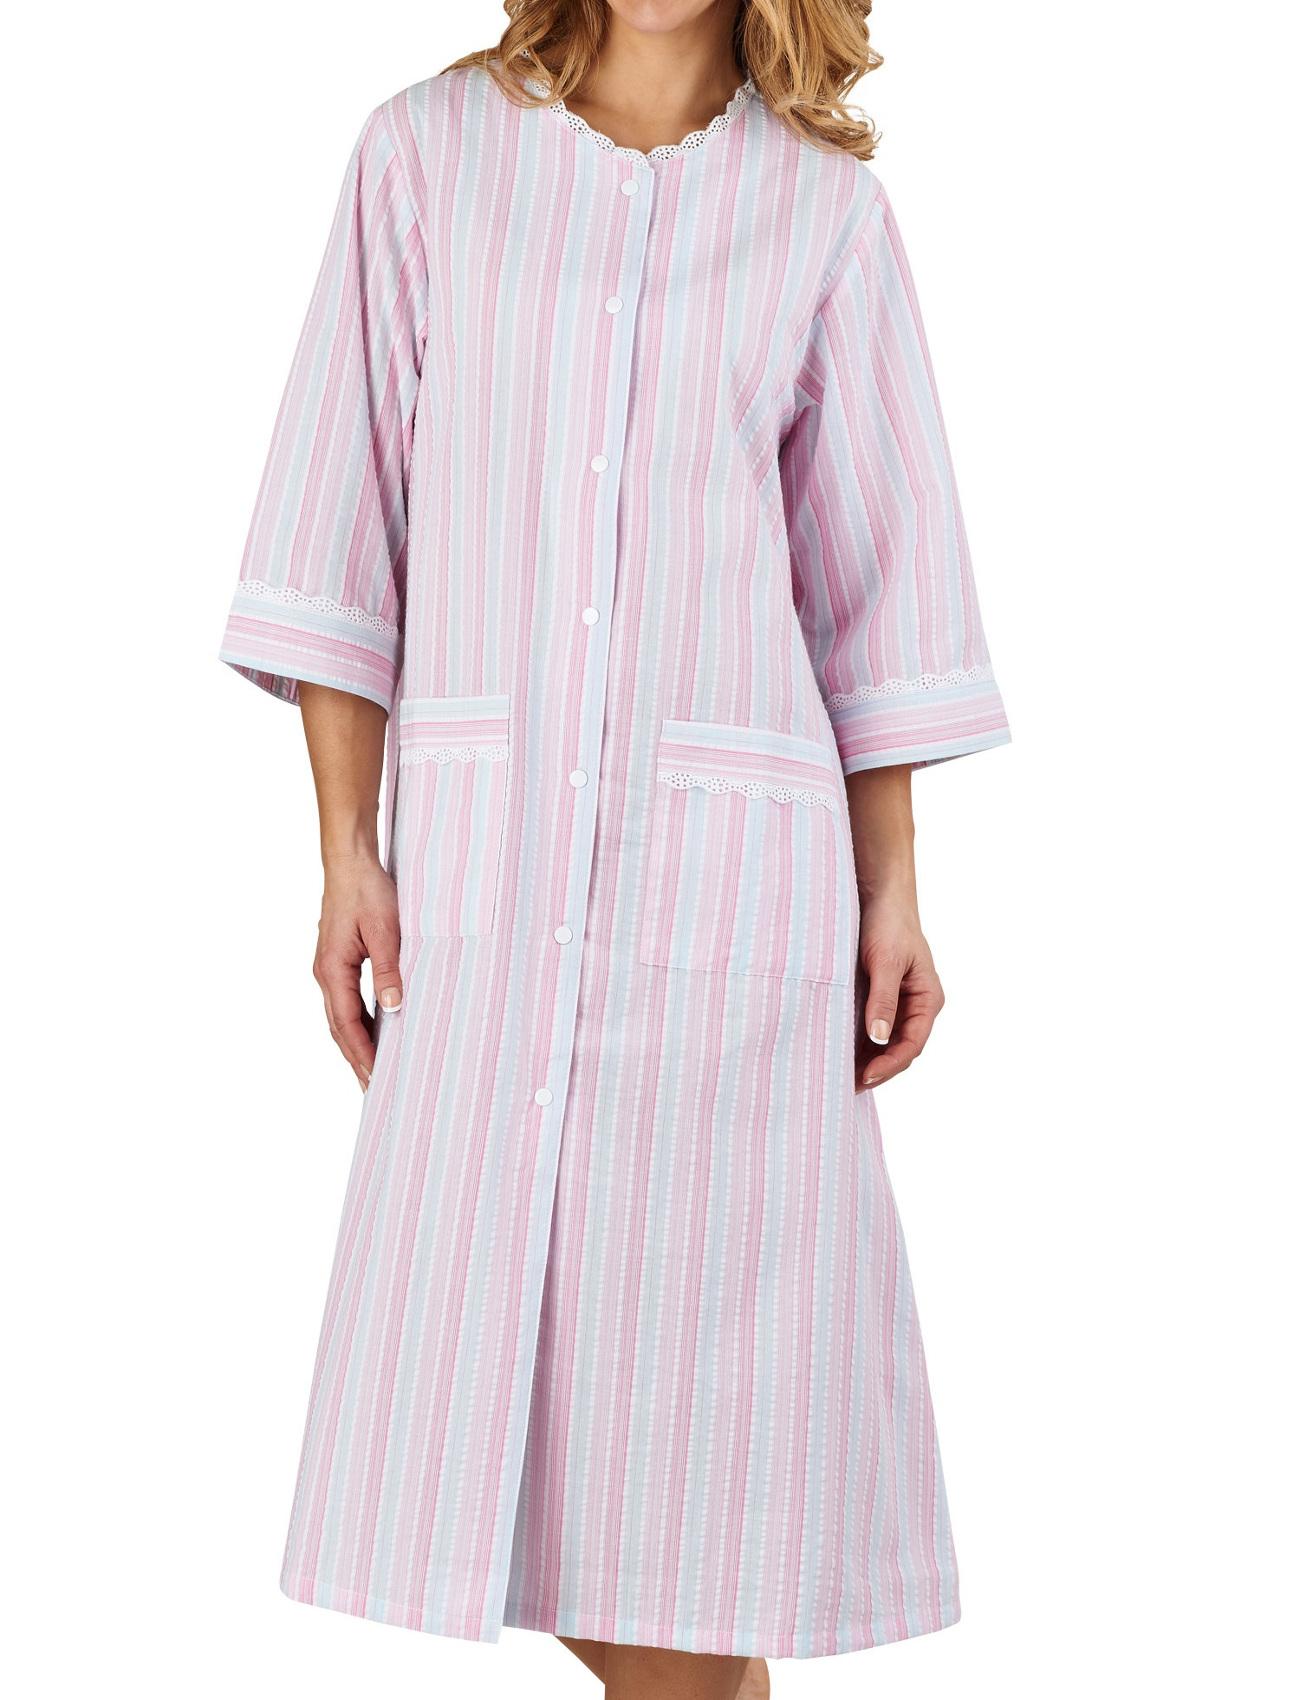 Bathrobe Easy Button Poppers Womens Seersucker Stripe Lace Trim ...